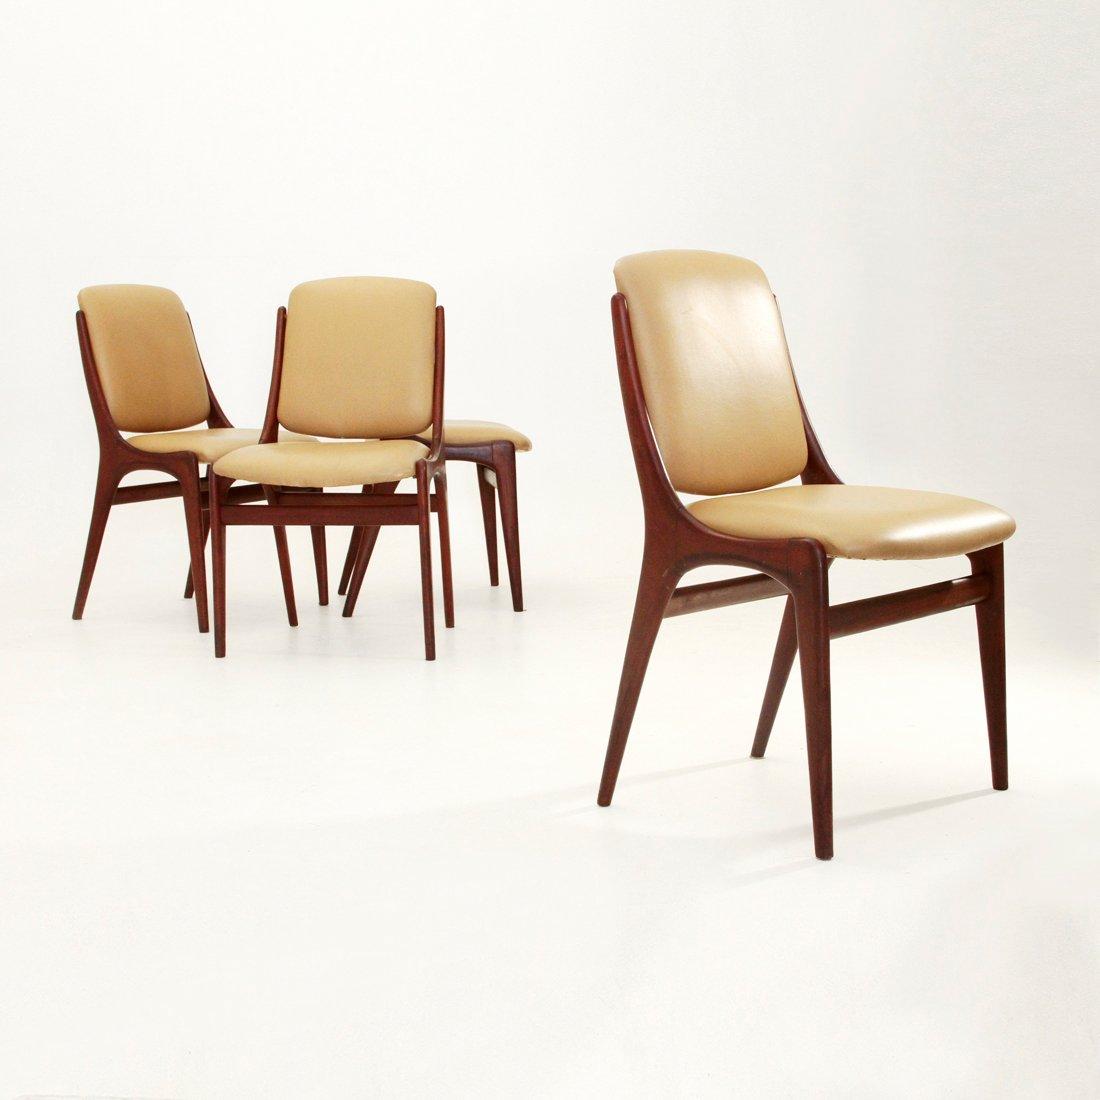 italienische mid century esszimmerst hle 1960er 4er set bei pamono kaufen. Black Bedroom Furniture Sets. Home Design Ideas